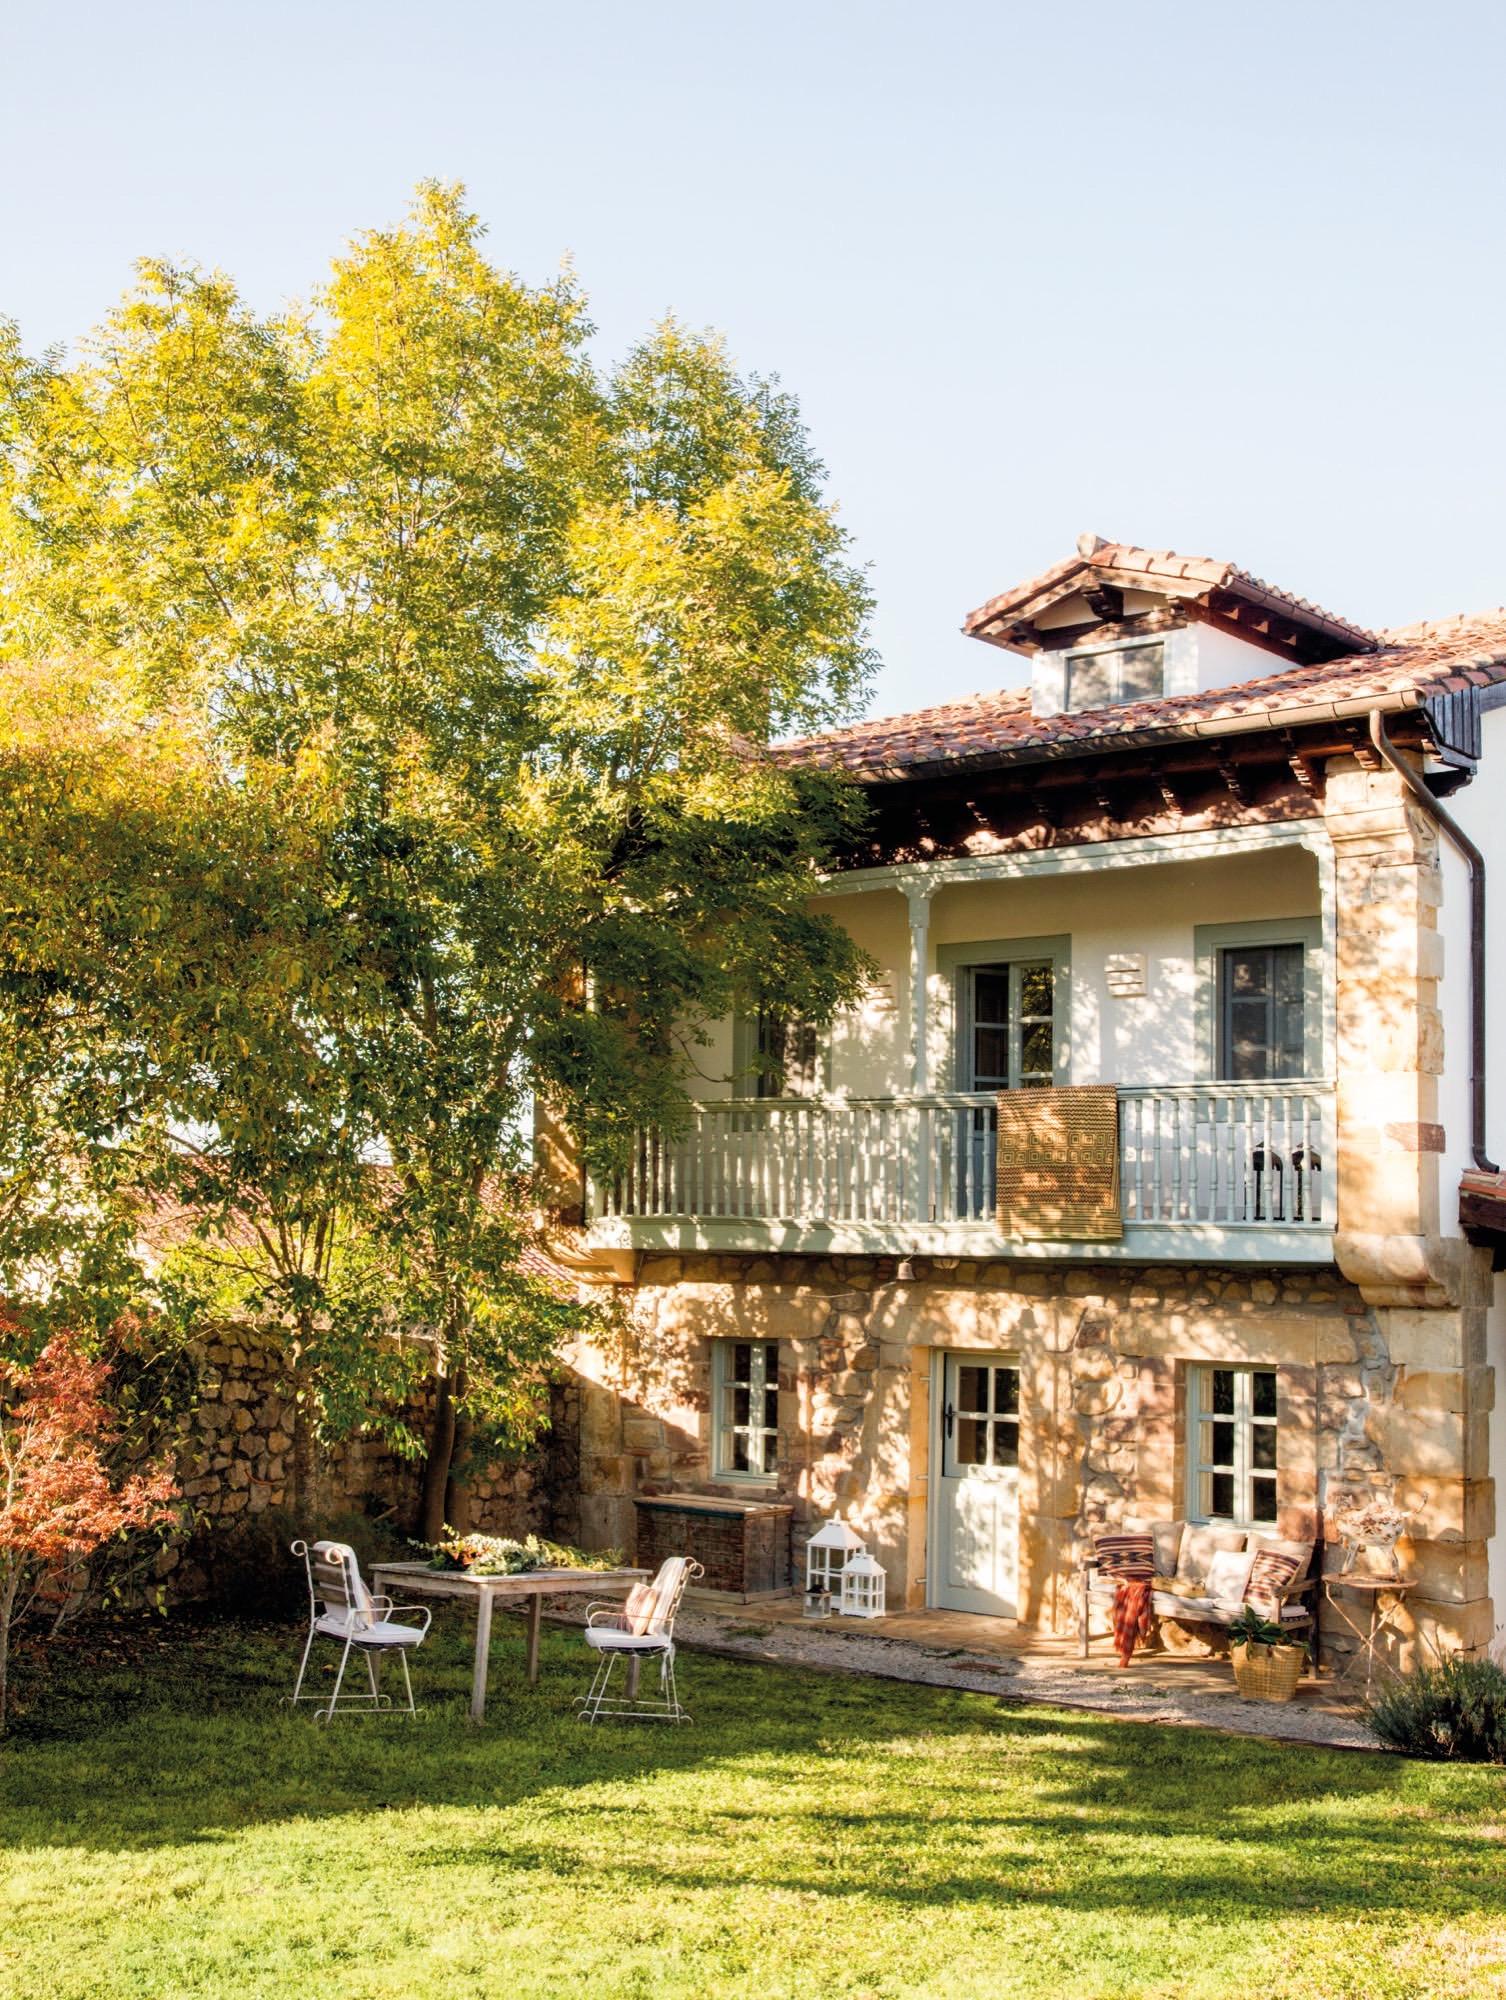 Una casa rustica en cantabria sencilla y muy acogedora for Jardines de casas rusticas